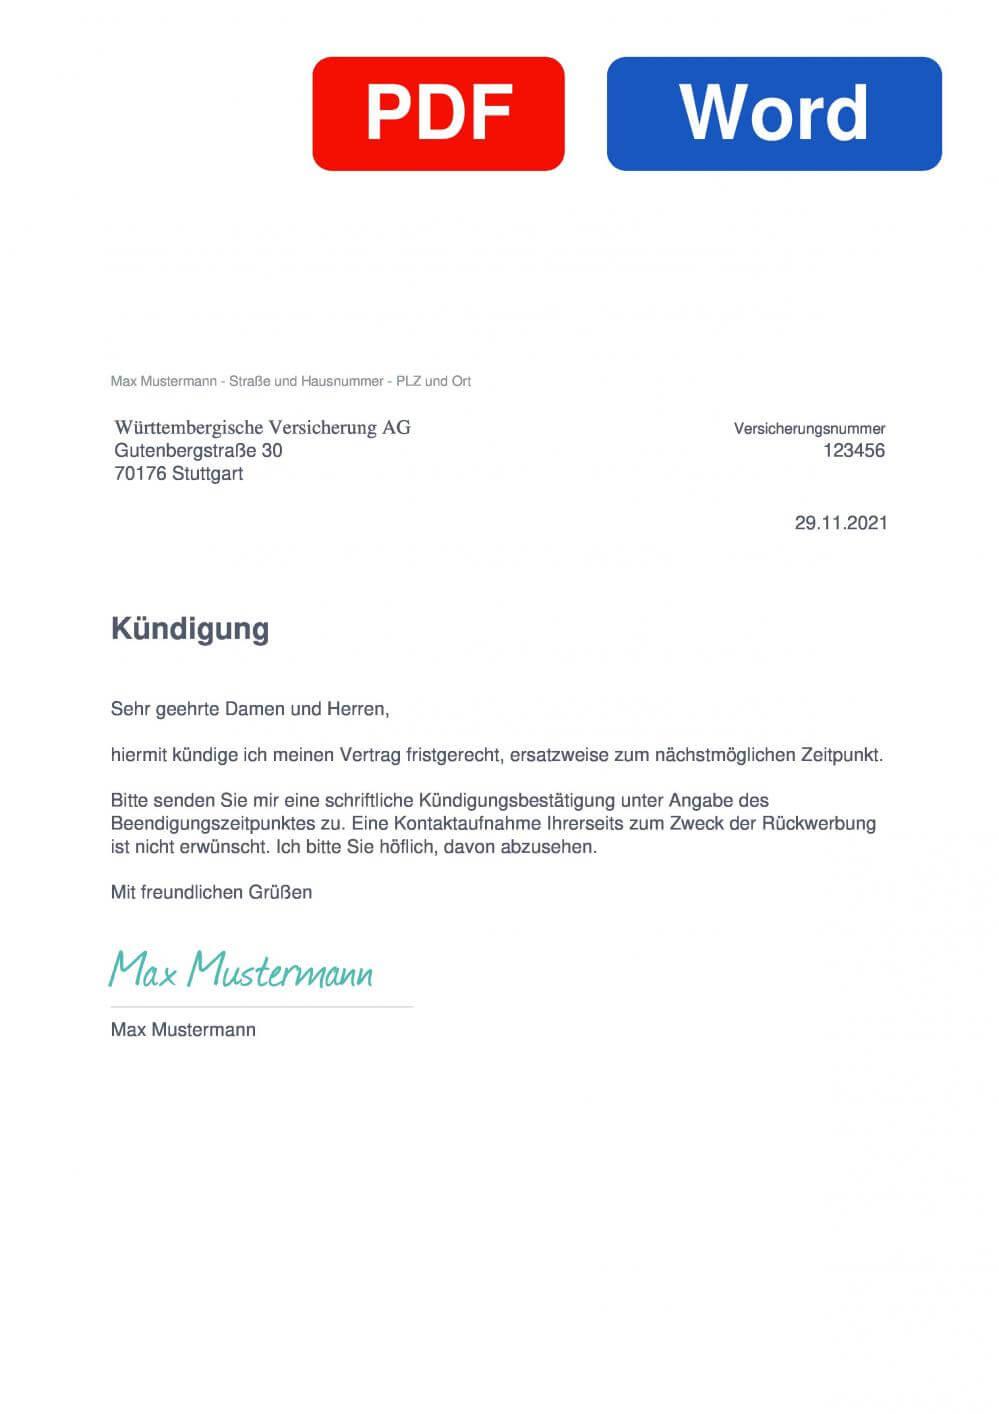 Württembergische Lebensversicherung Muster Vorlage für Kündigungsschreiben